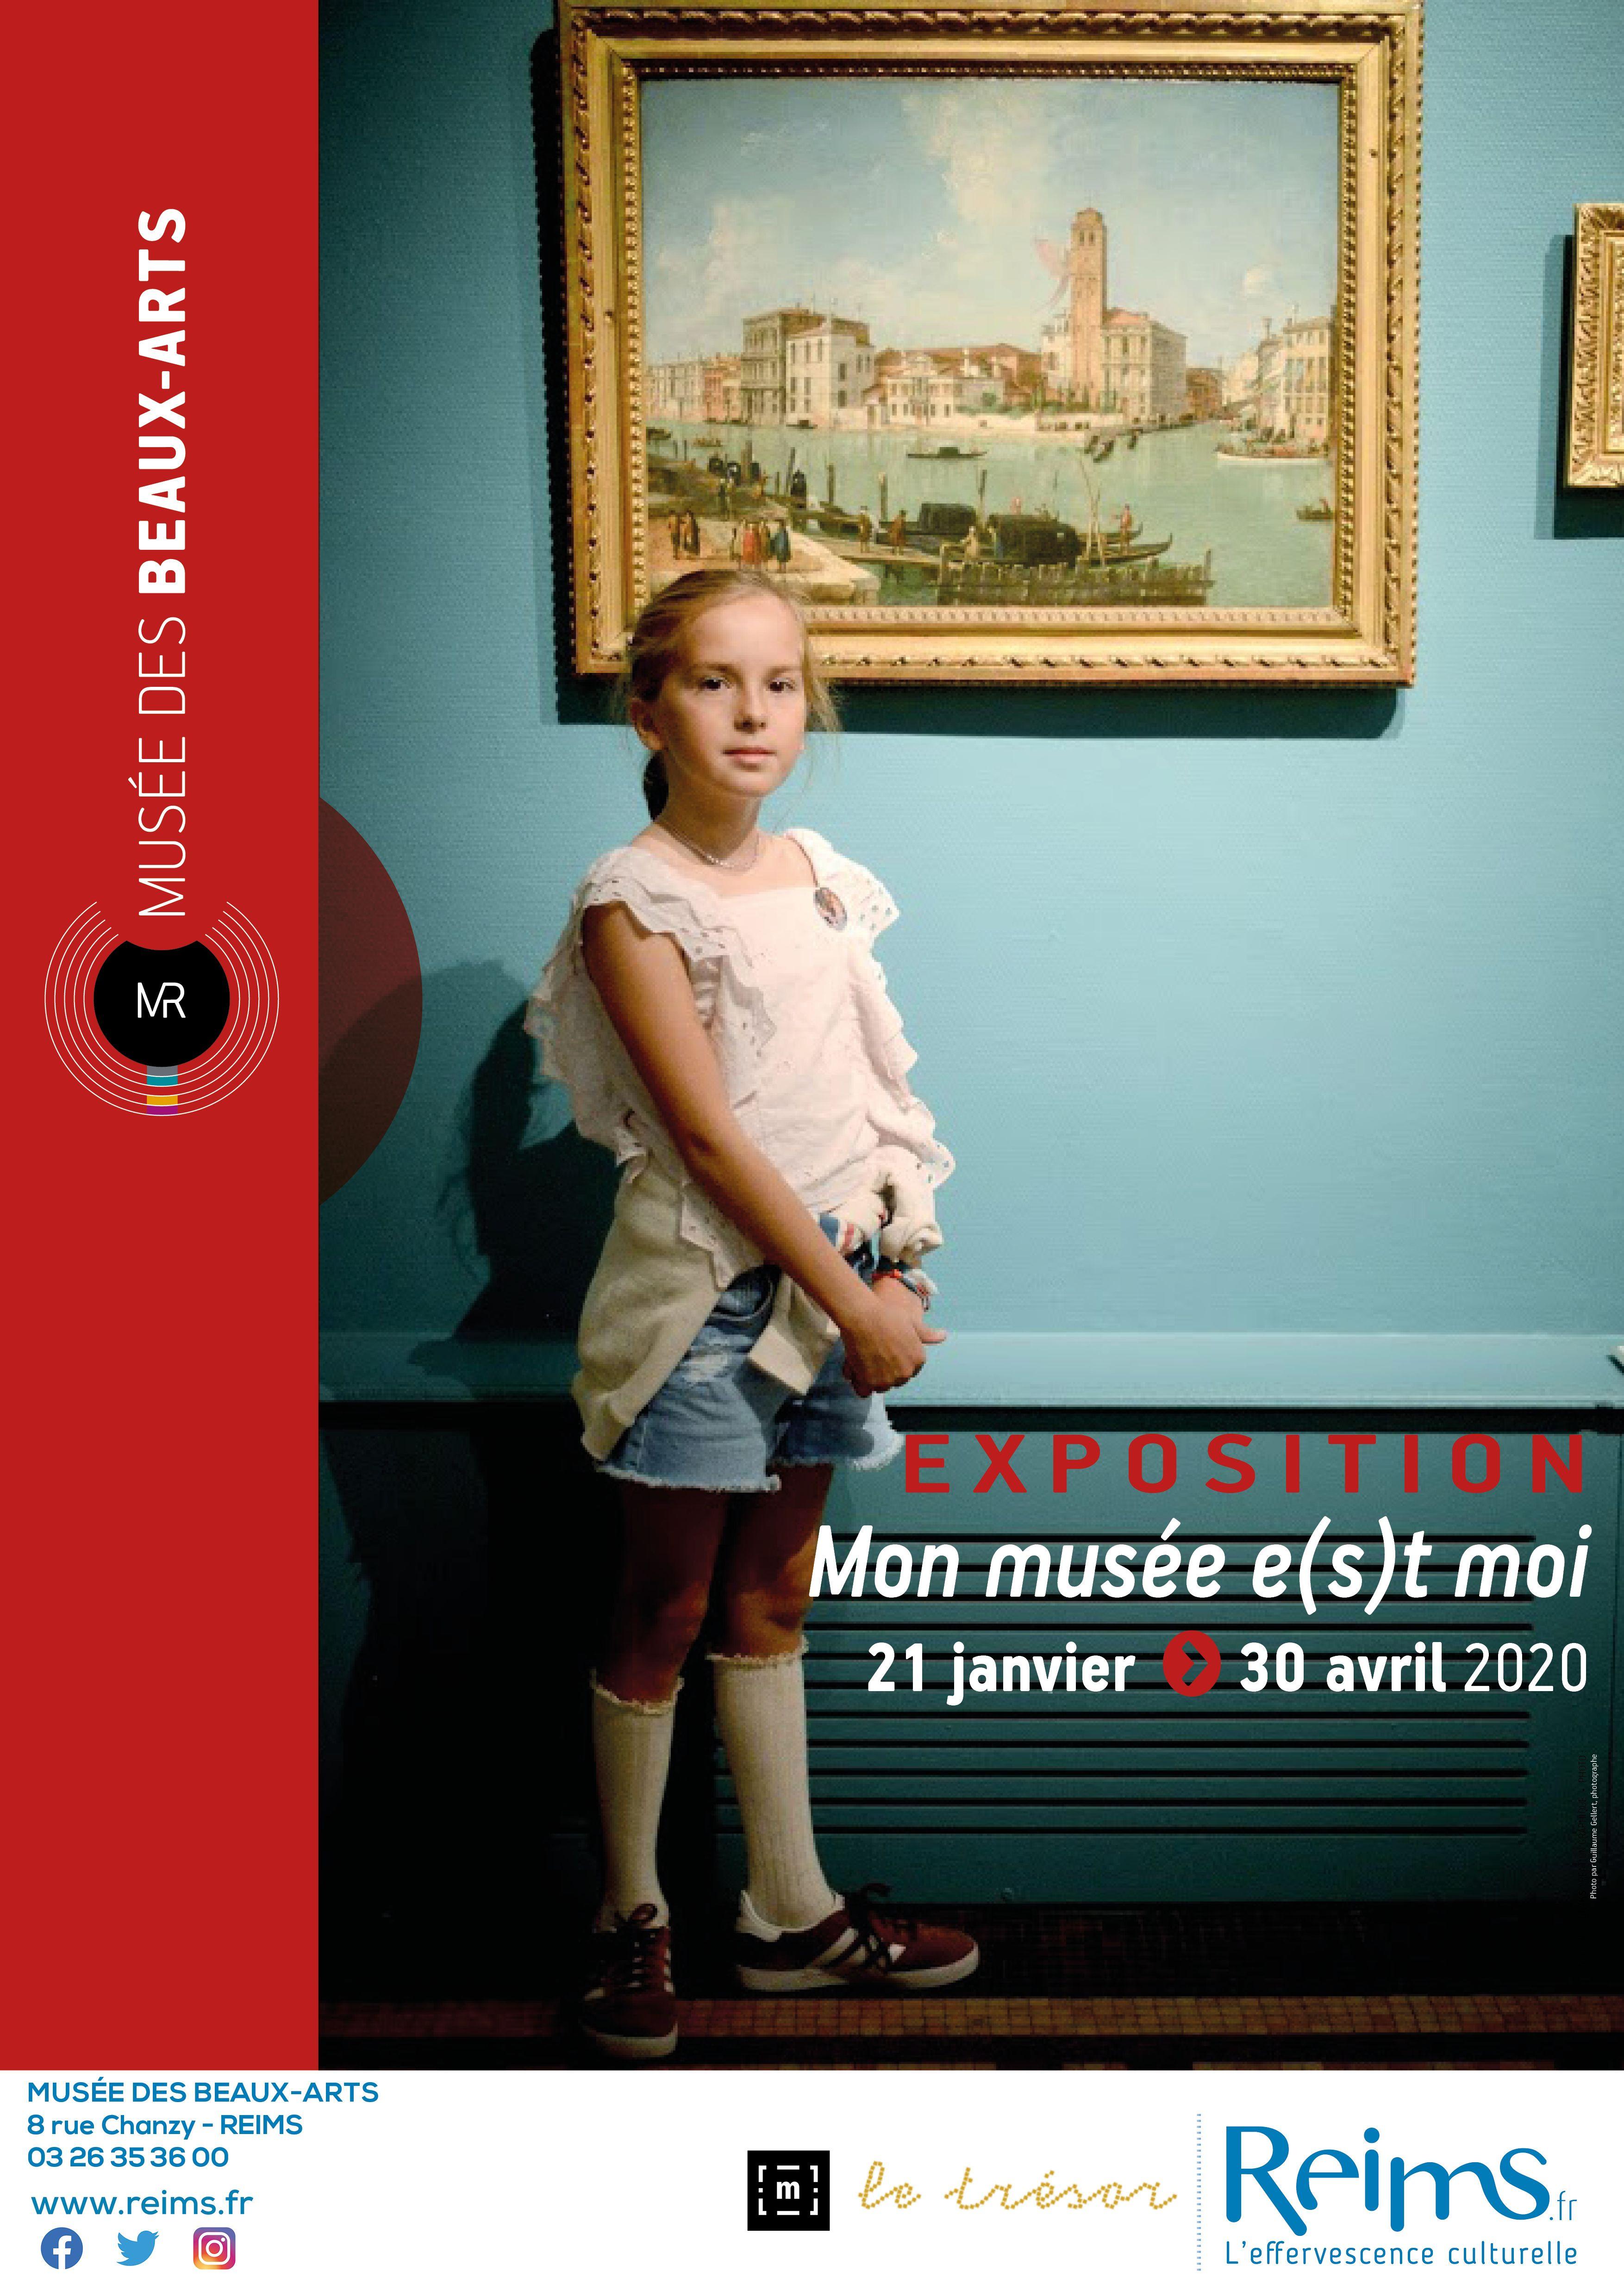 Mon musée e(s)t moi